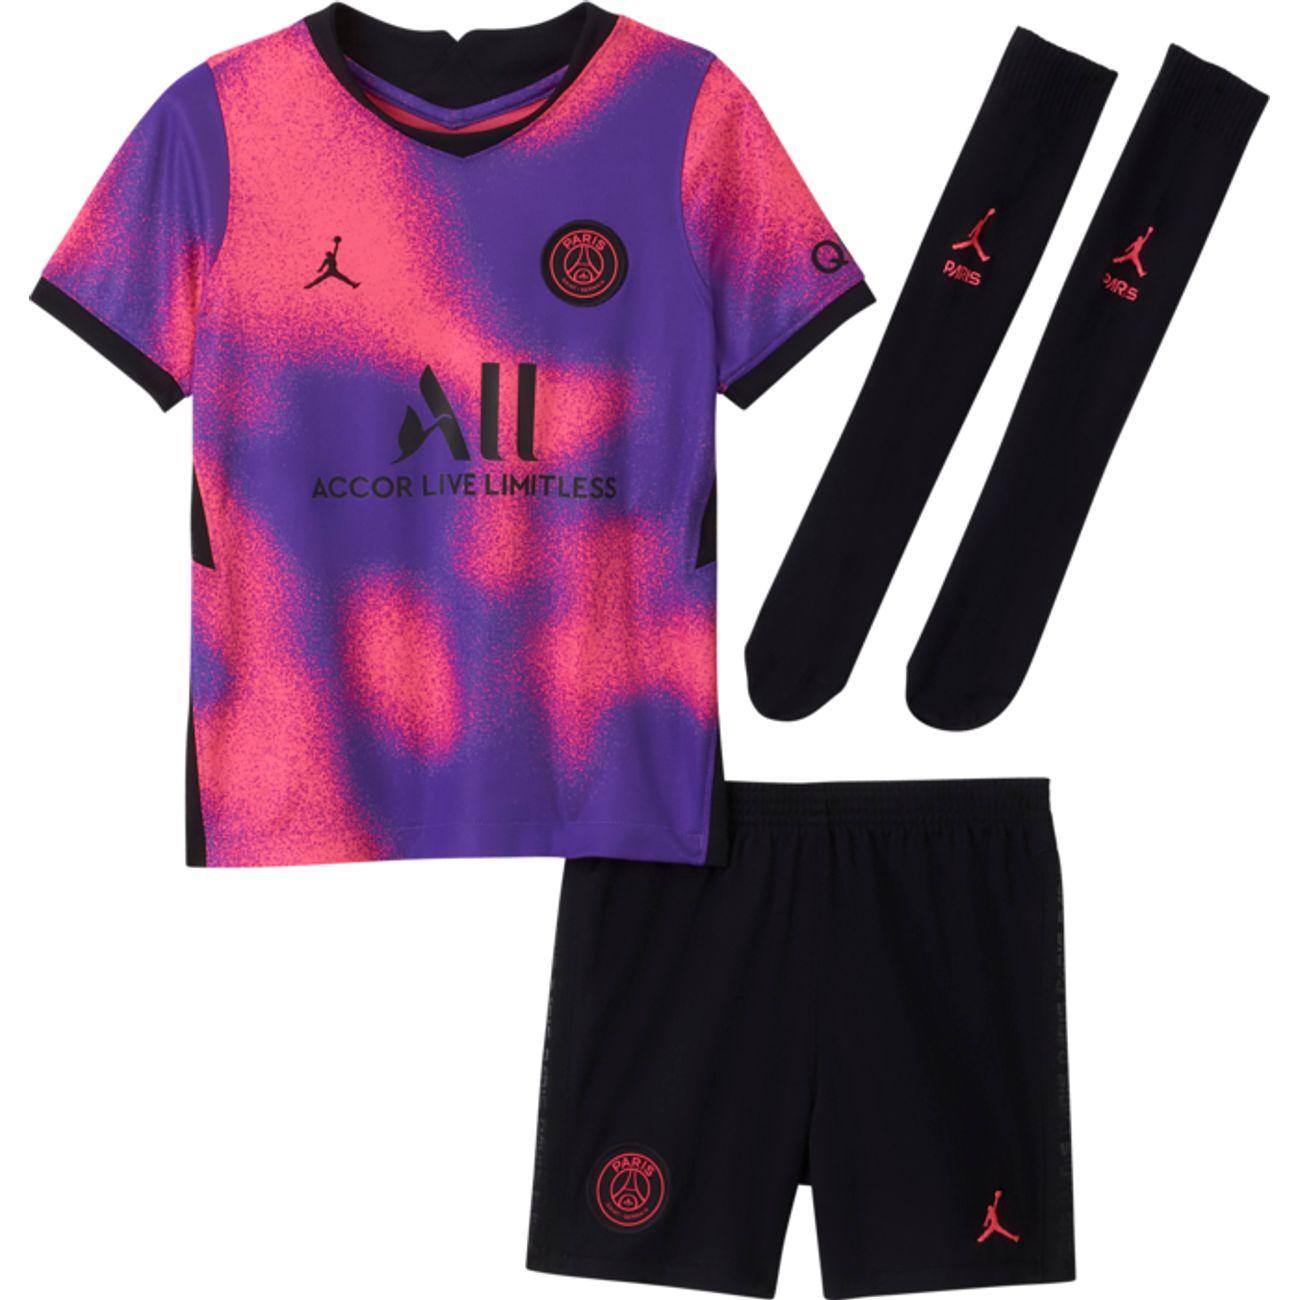 Tenue Nike x Jordan PSG Minikit 4Th (20-21) - Du 3 au 6 ans